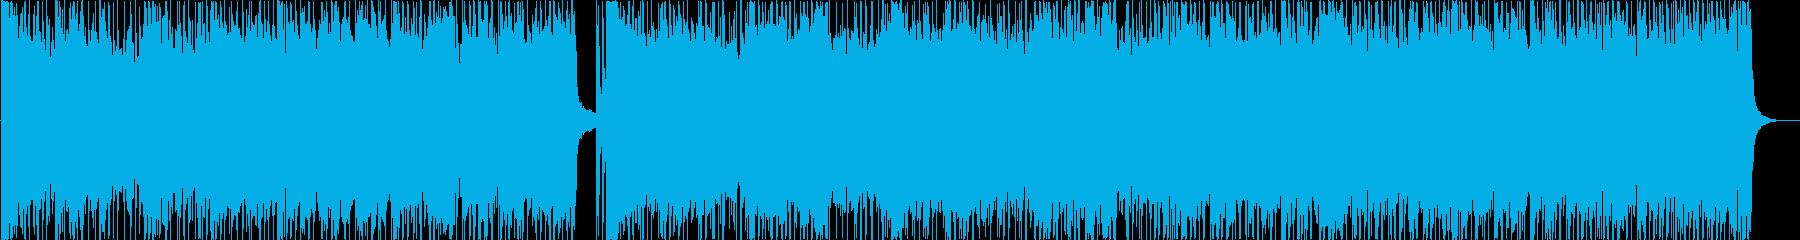 ビートの効いた古典的ロックンロールの再生済みの波形